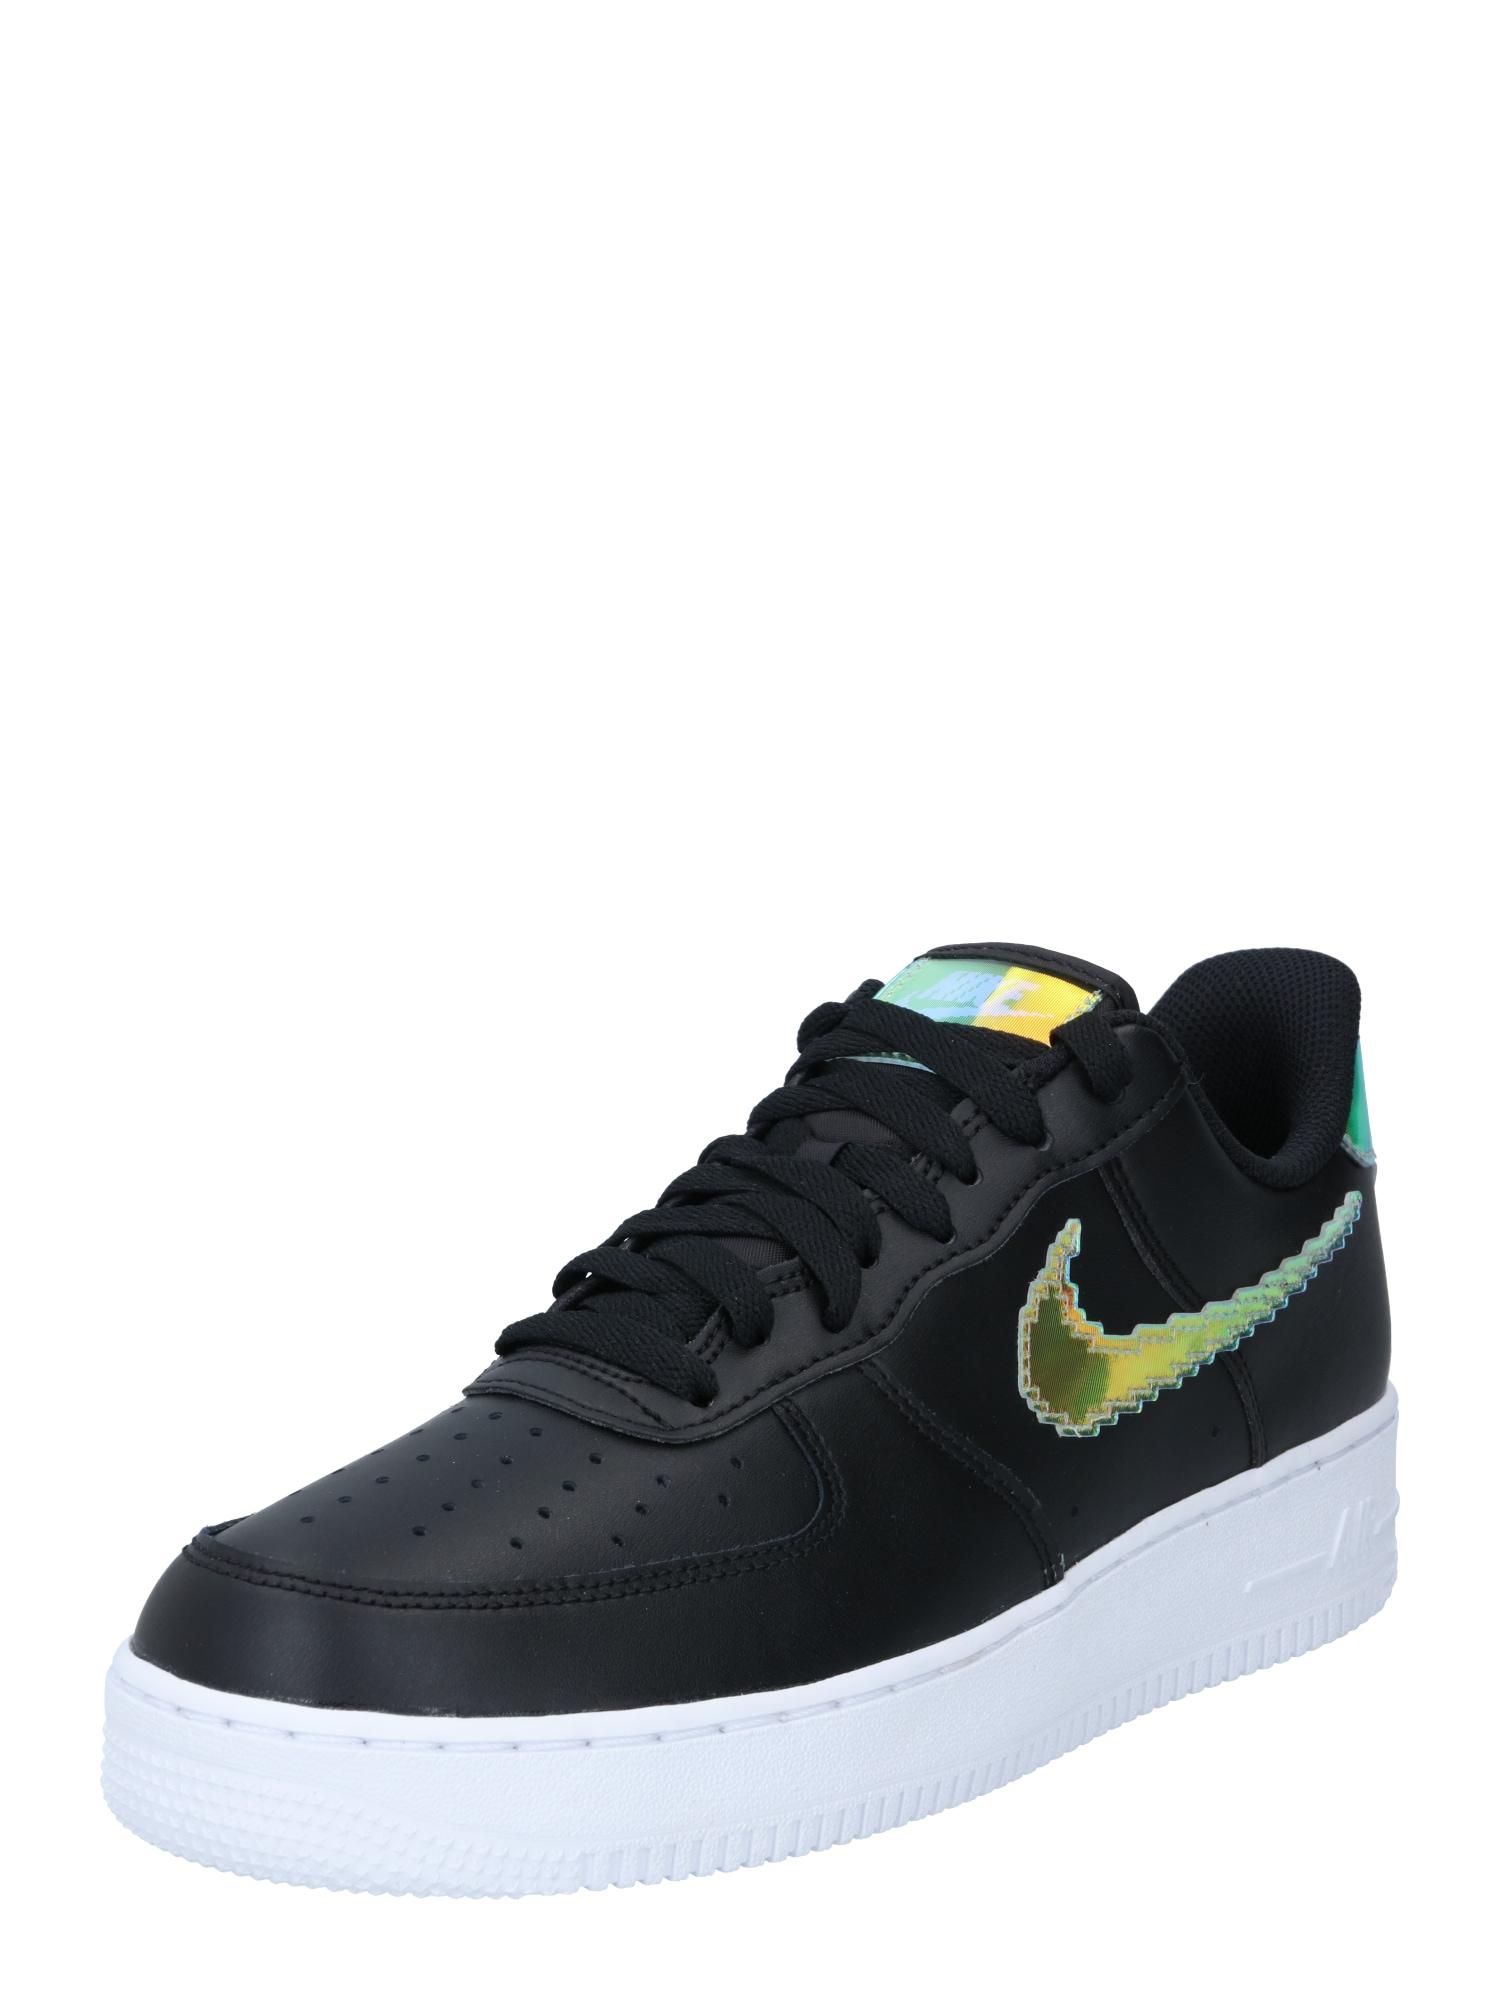 Nike Sportswear Sportbačiai su auliuku 'Force 1 '07 LV8' juoda / geltona / nefrito spalva